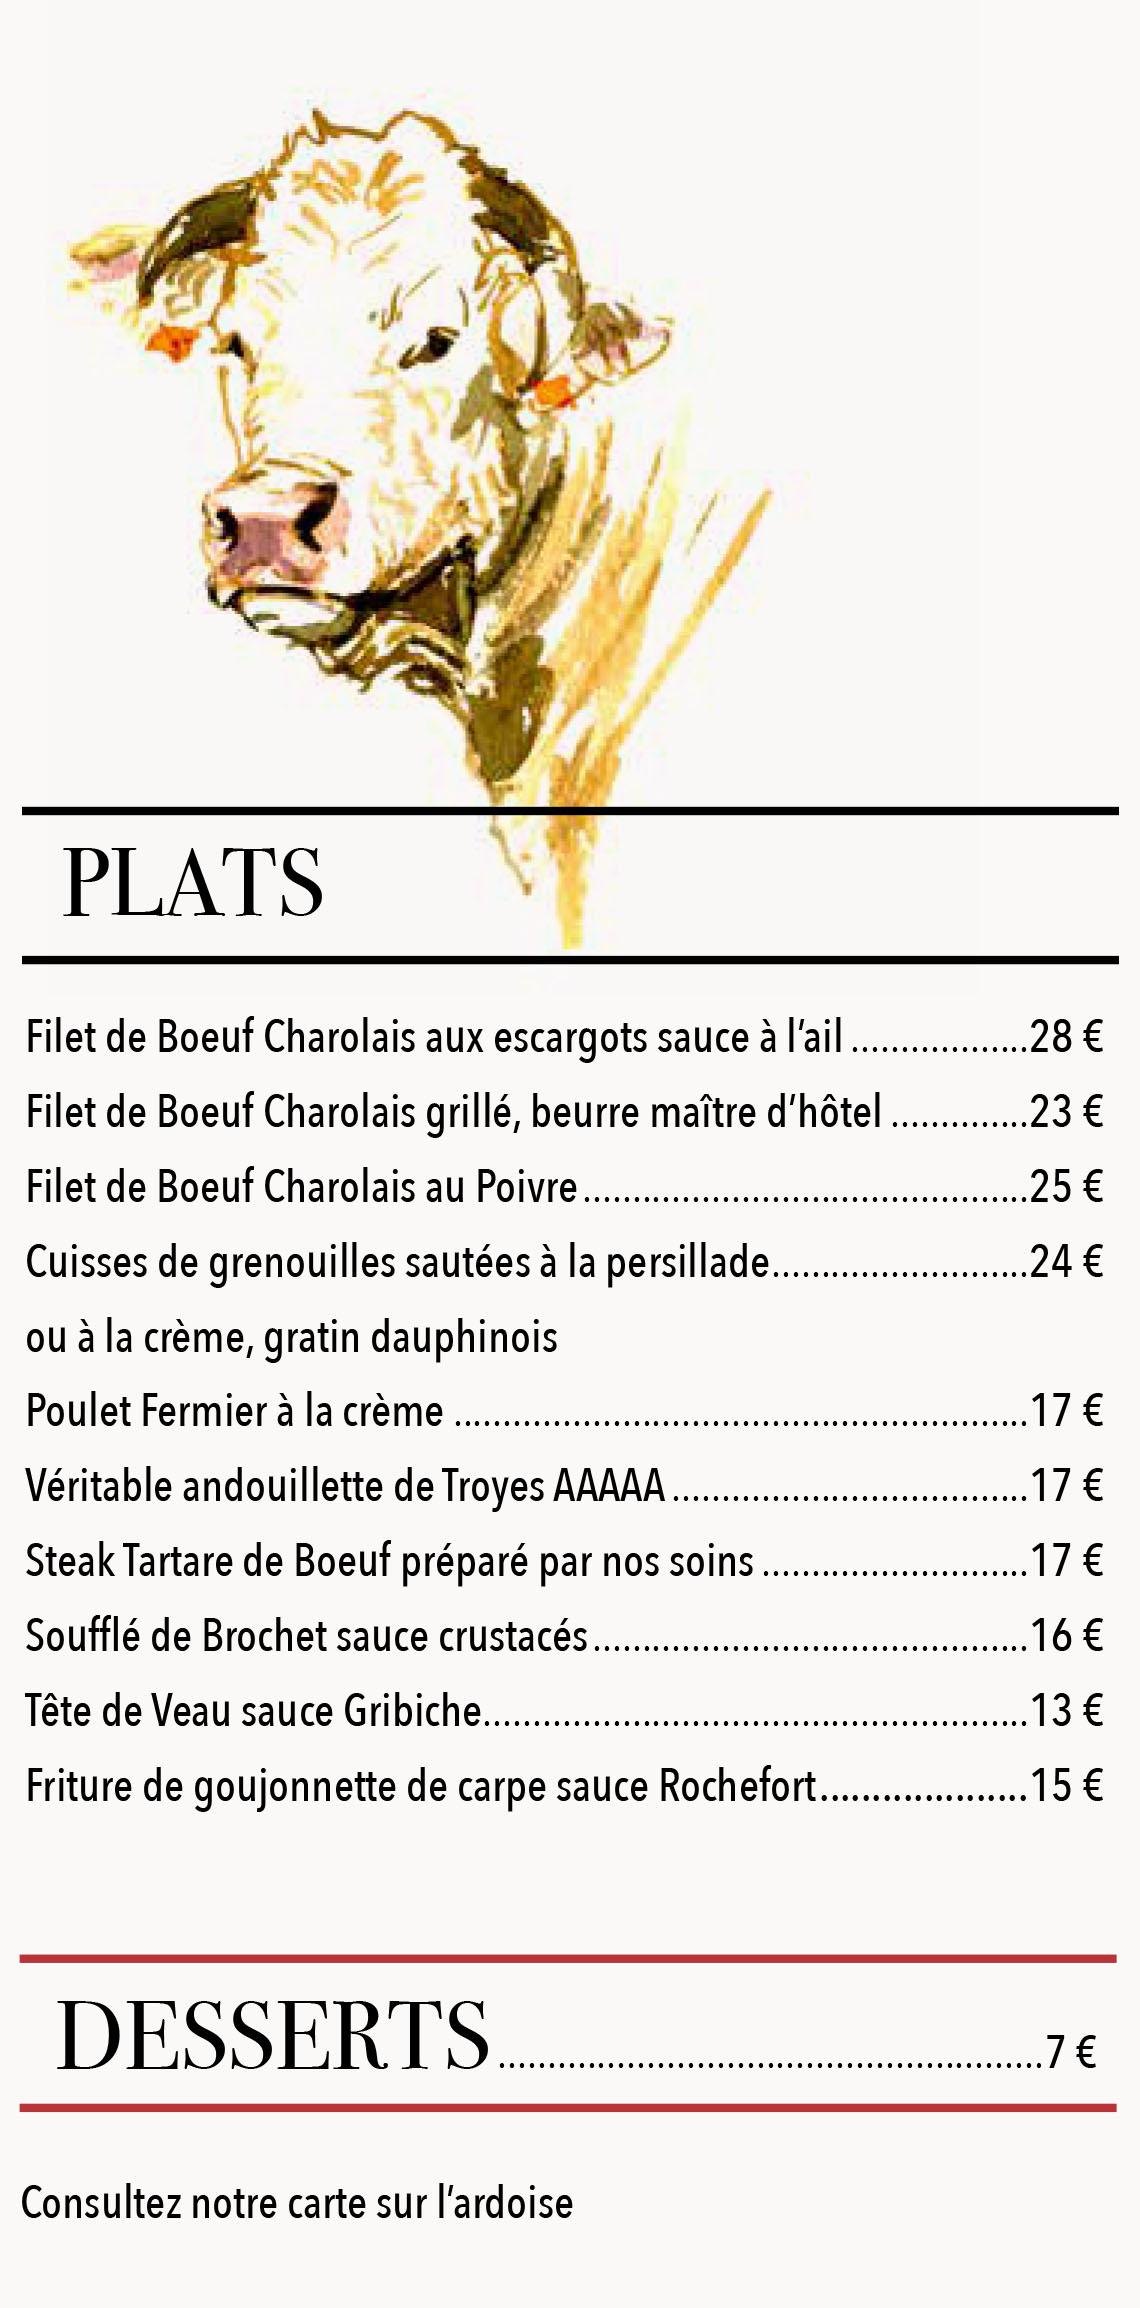 le-rochefort-cluny-arret-sur-image-menu-3